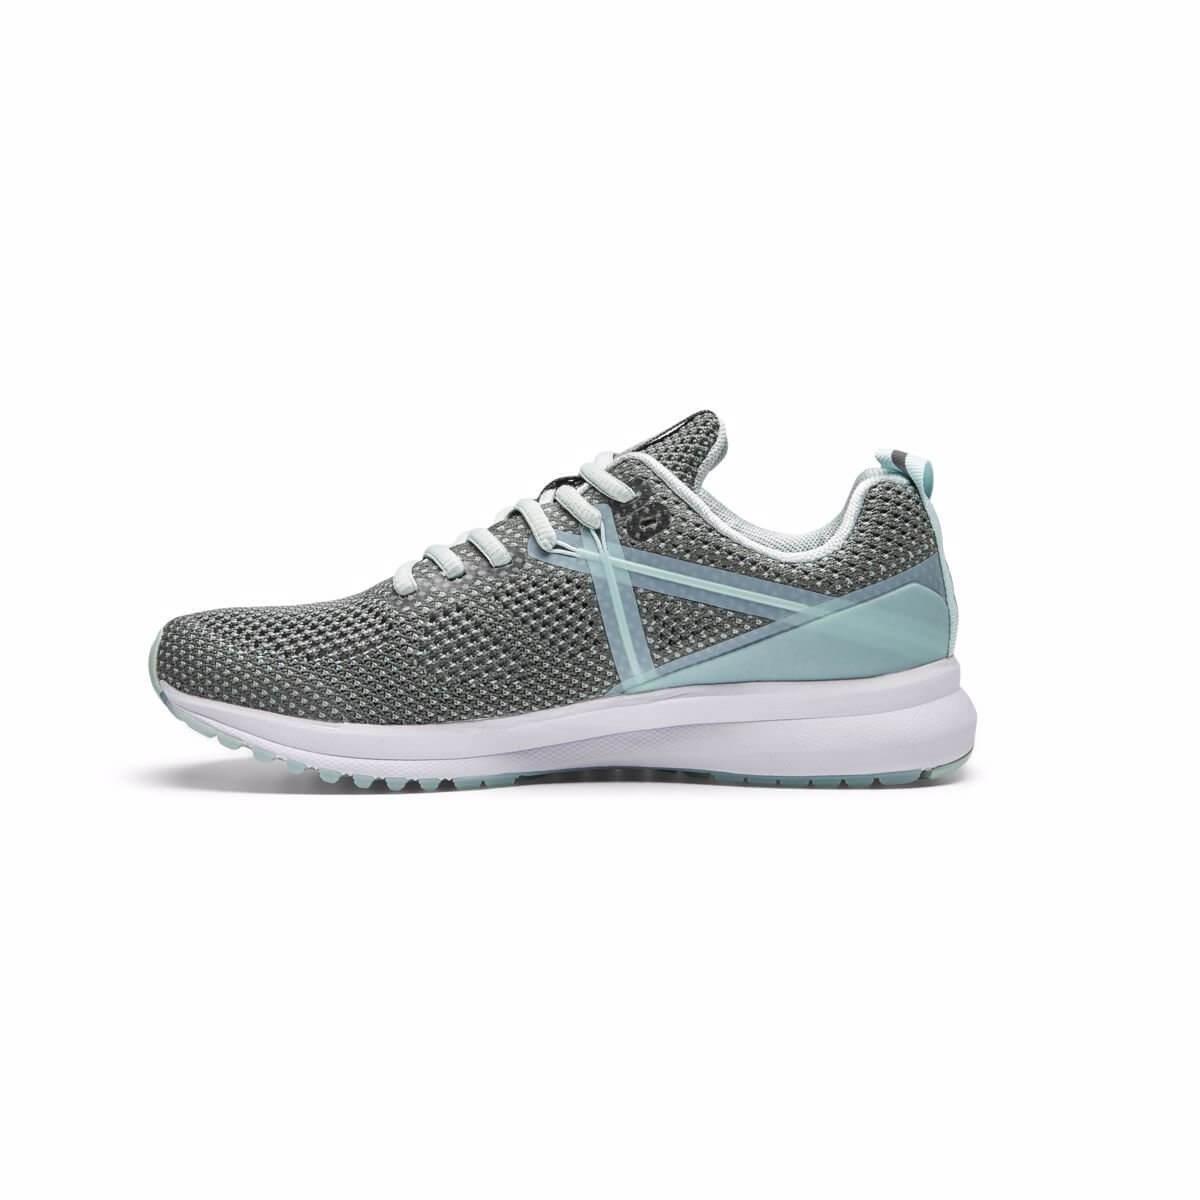 e572f2e63b6b Craft W Topánky X165 Fuseknit svetlozelená - dámske bežecké topánky ...